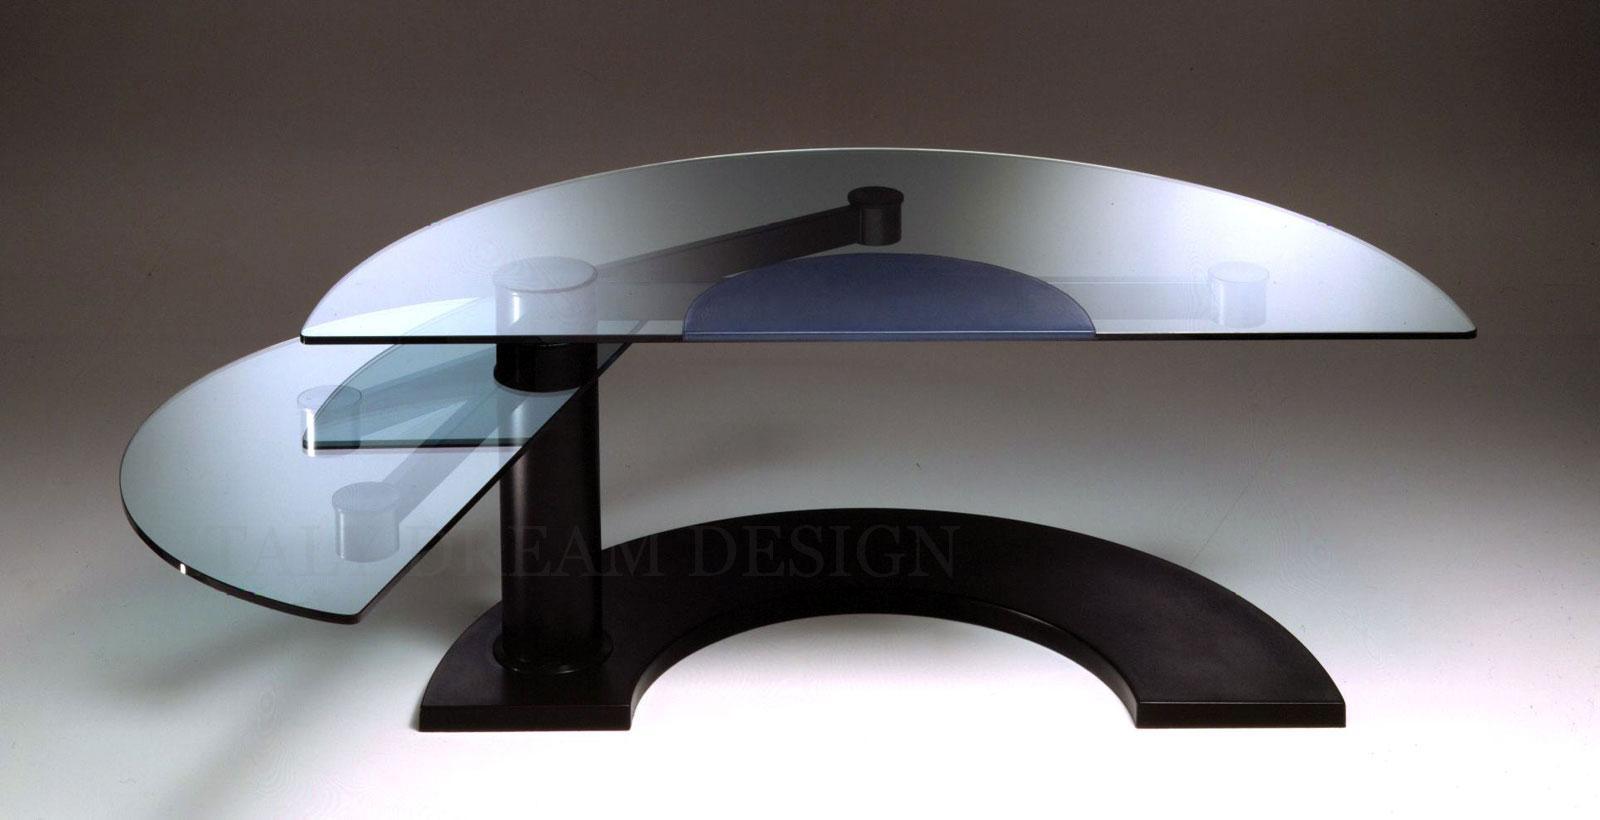 scrivania manageriale Bagarotti arredamento casa ufficio on line moderno di lusso 2017 design web made in italy direzionale cuoio vetro rotante originale